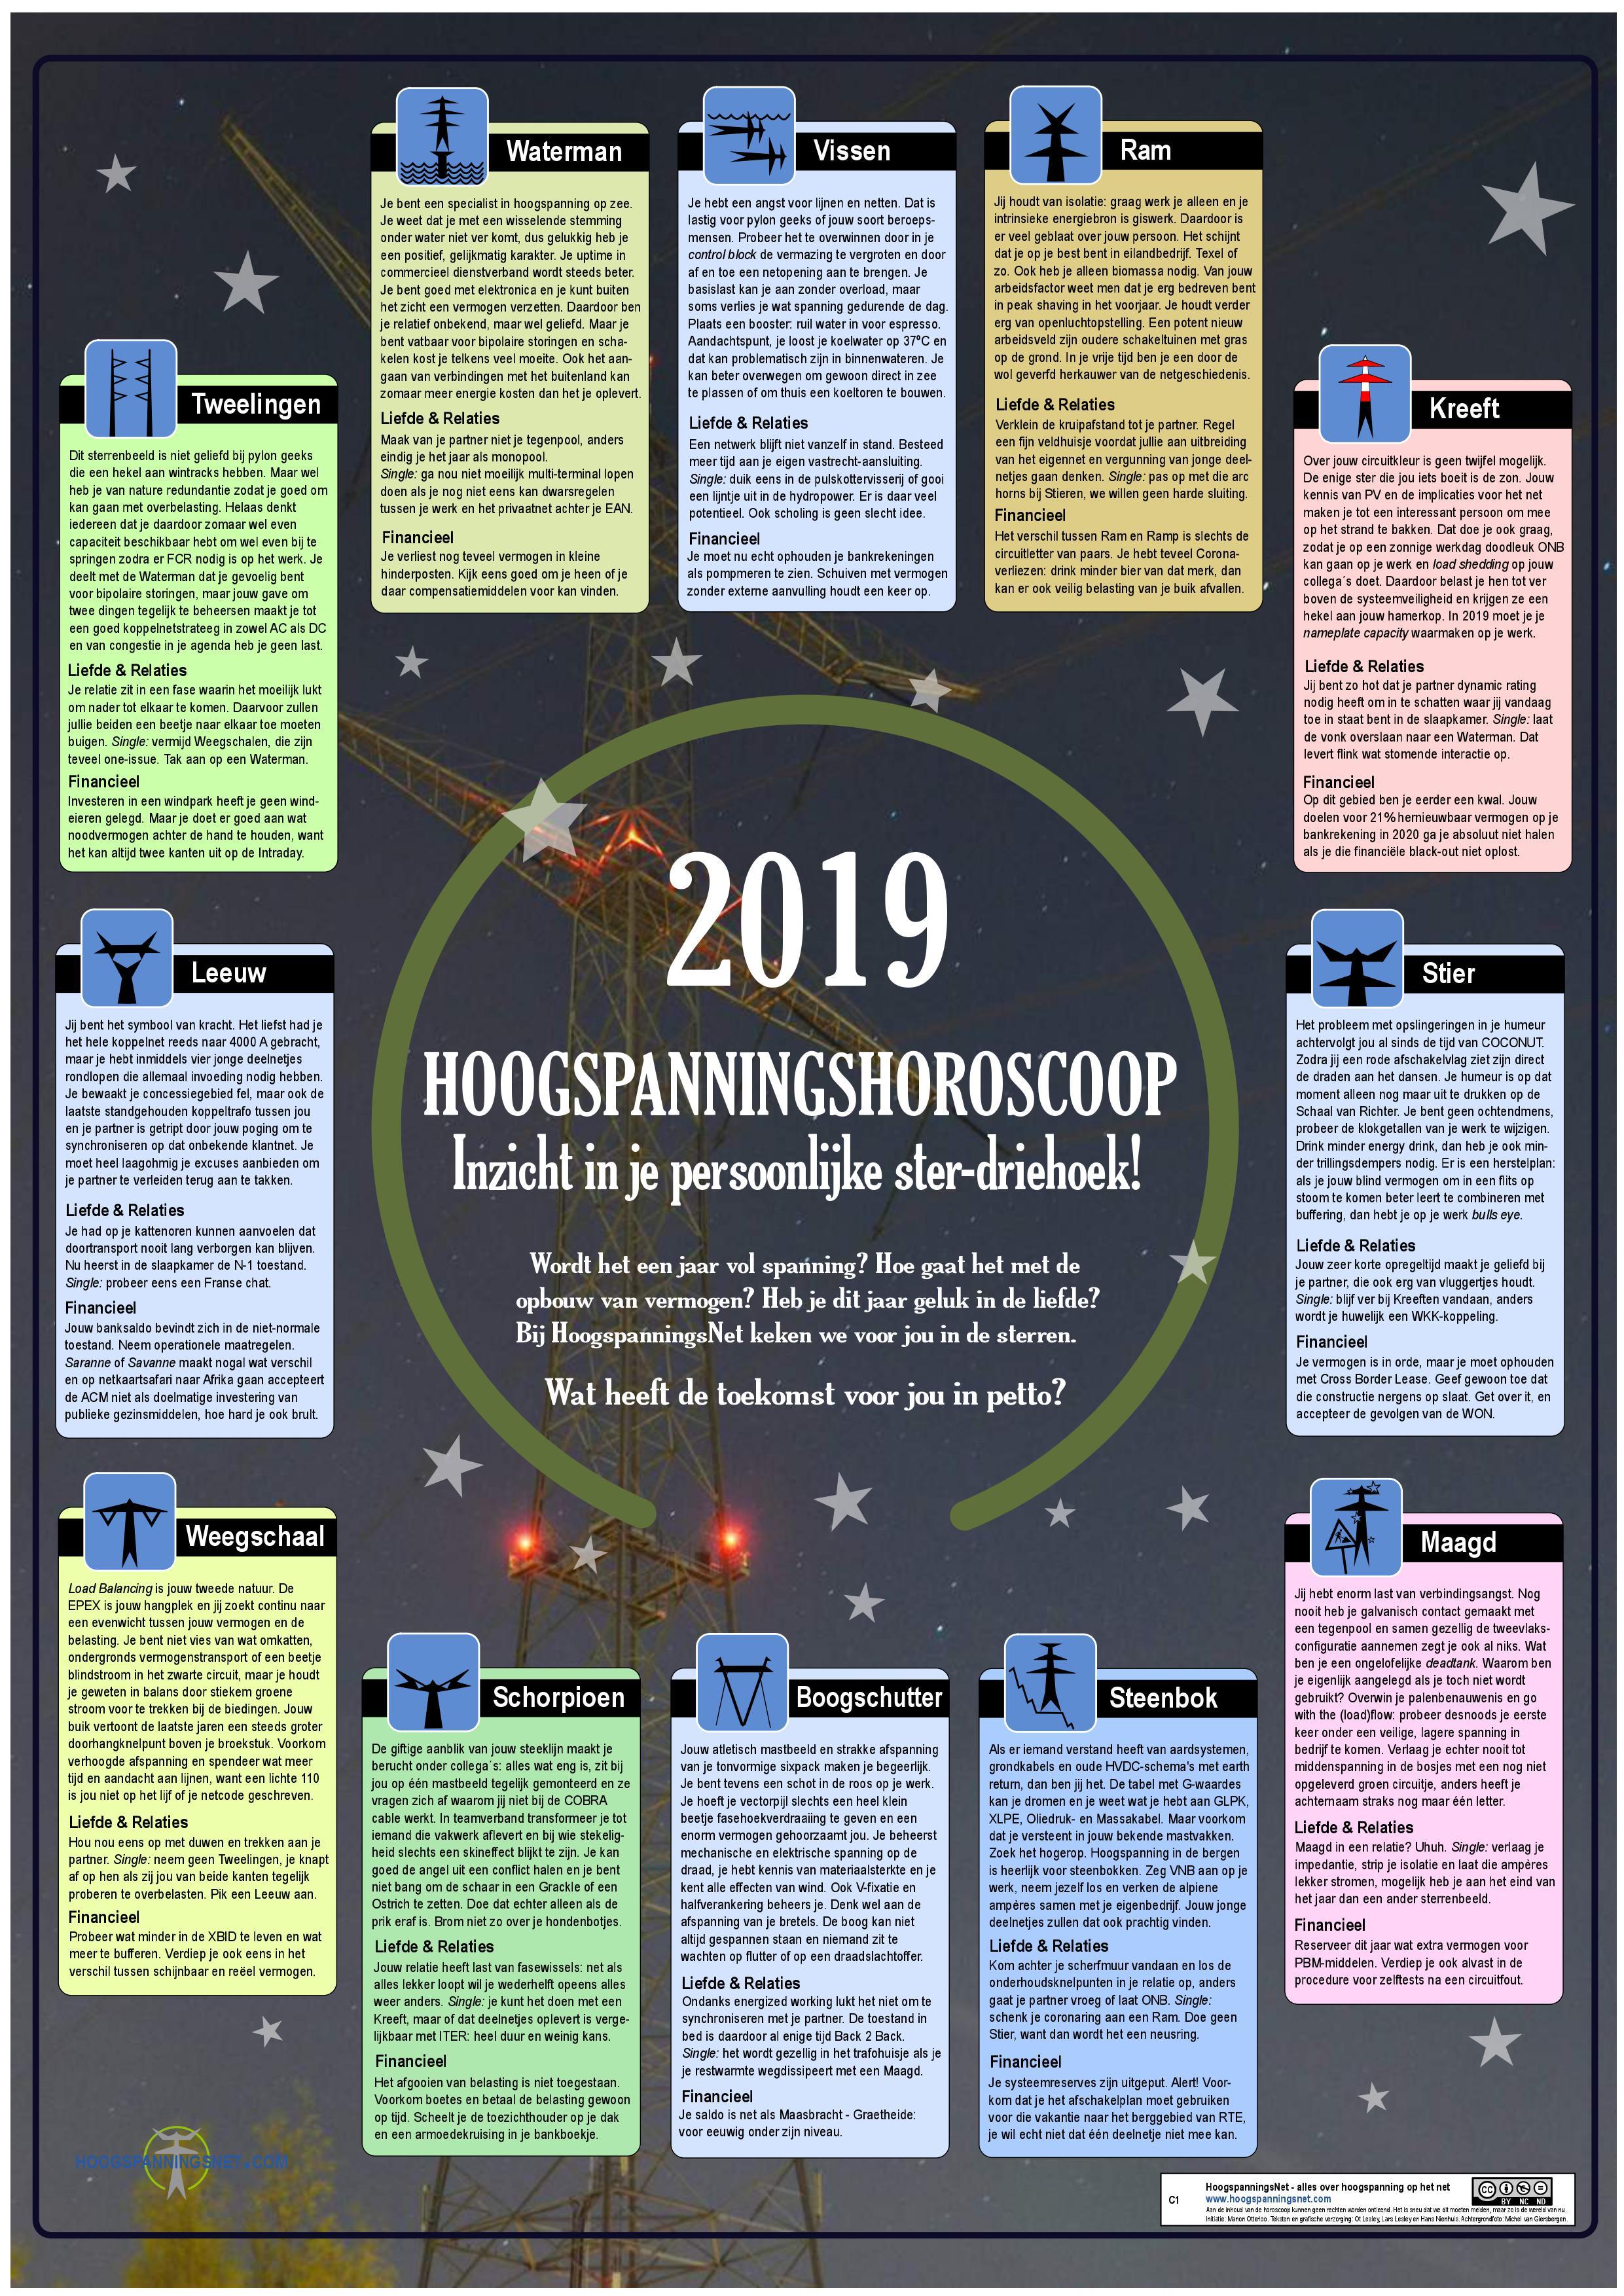 Hoogspanningshoroscoop by HoogspanningsNet